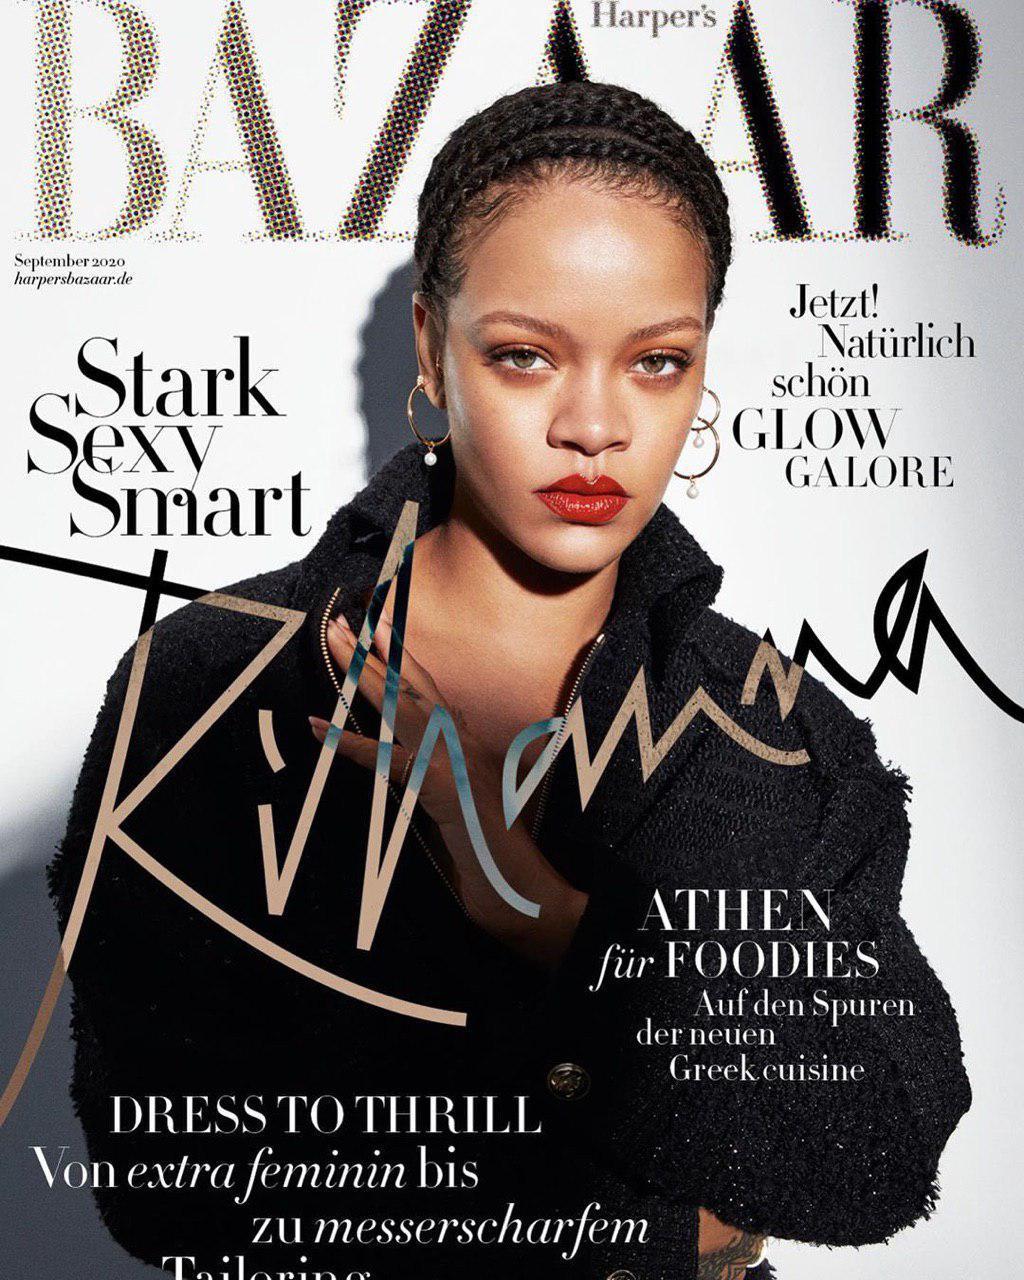 Рианна украсит сразу 26 обложек международных изданий Harper's Bazaar